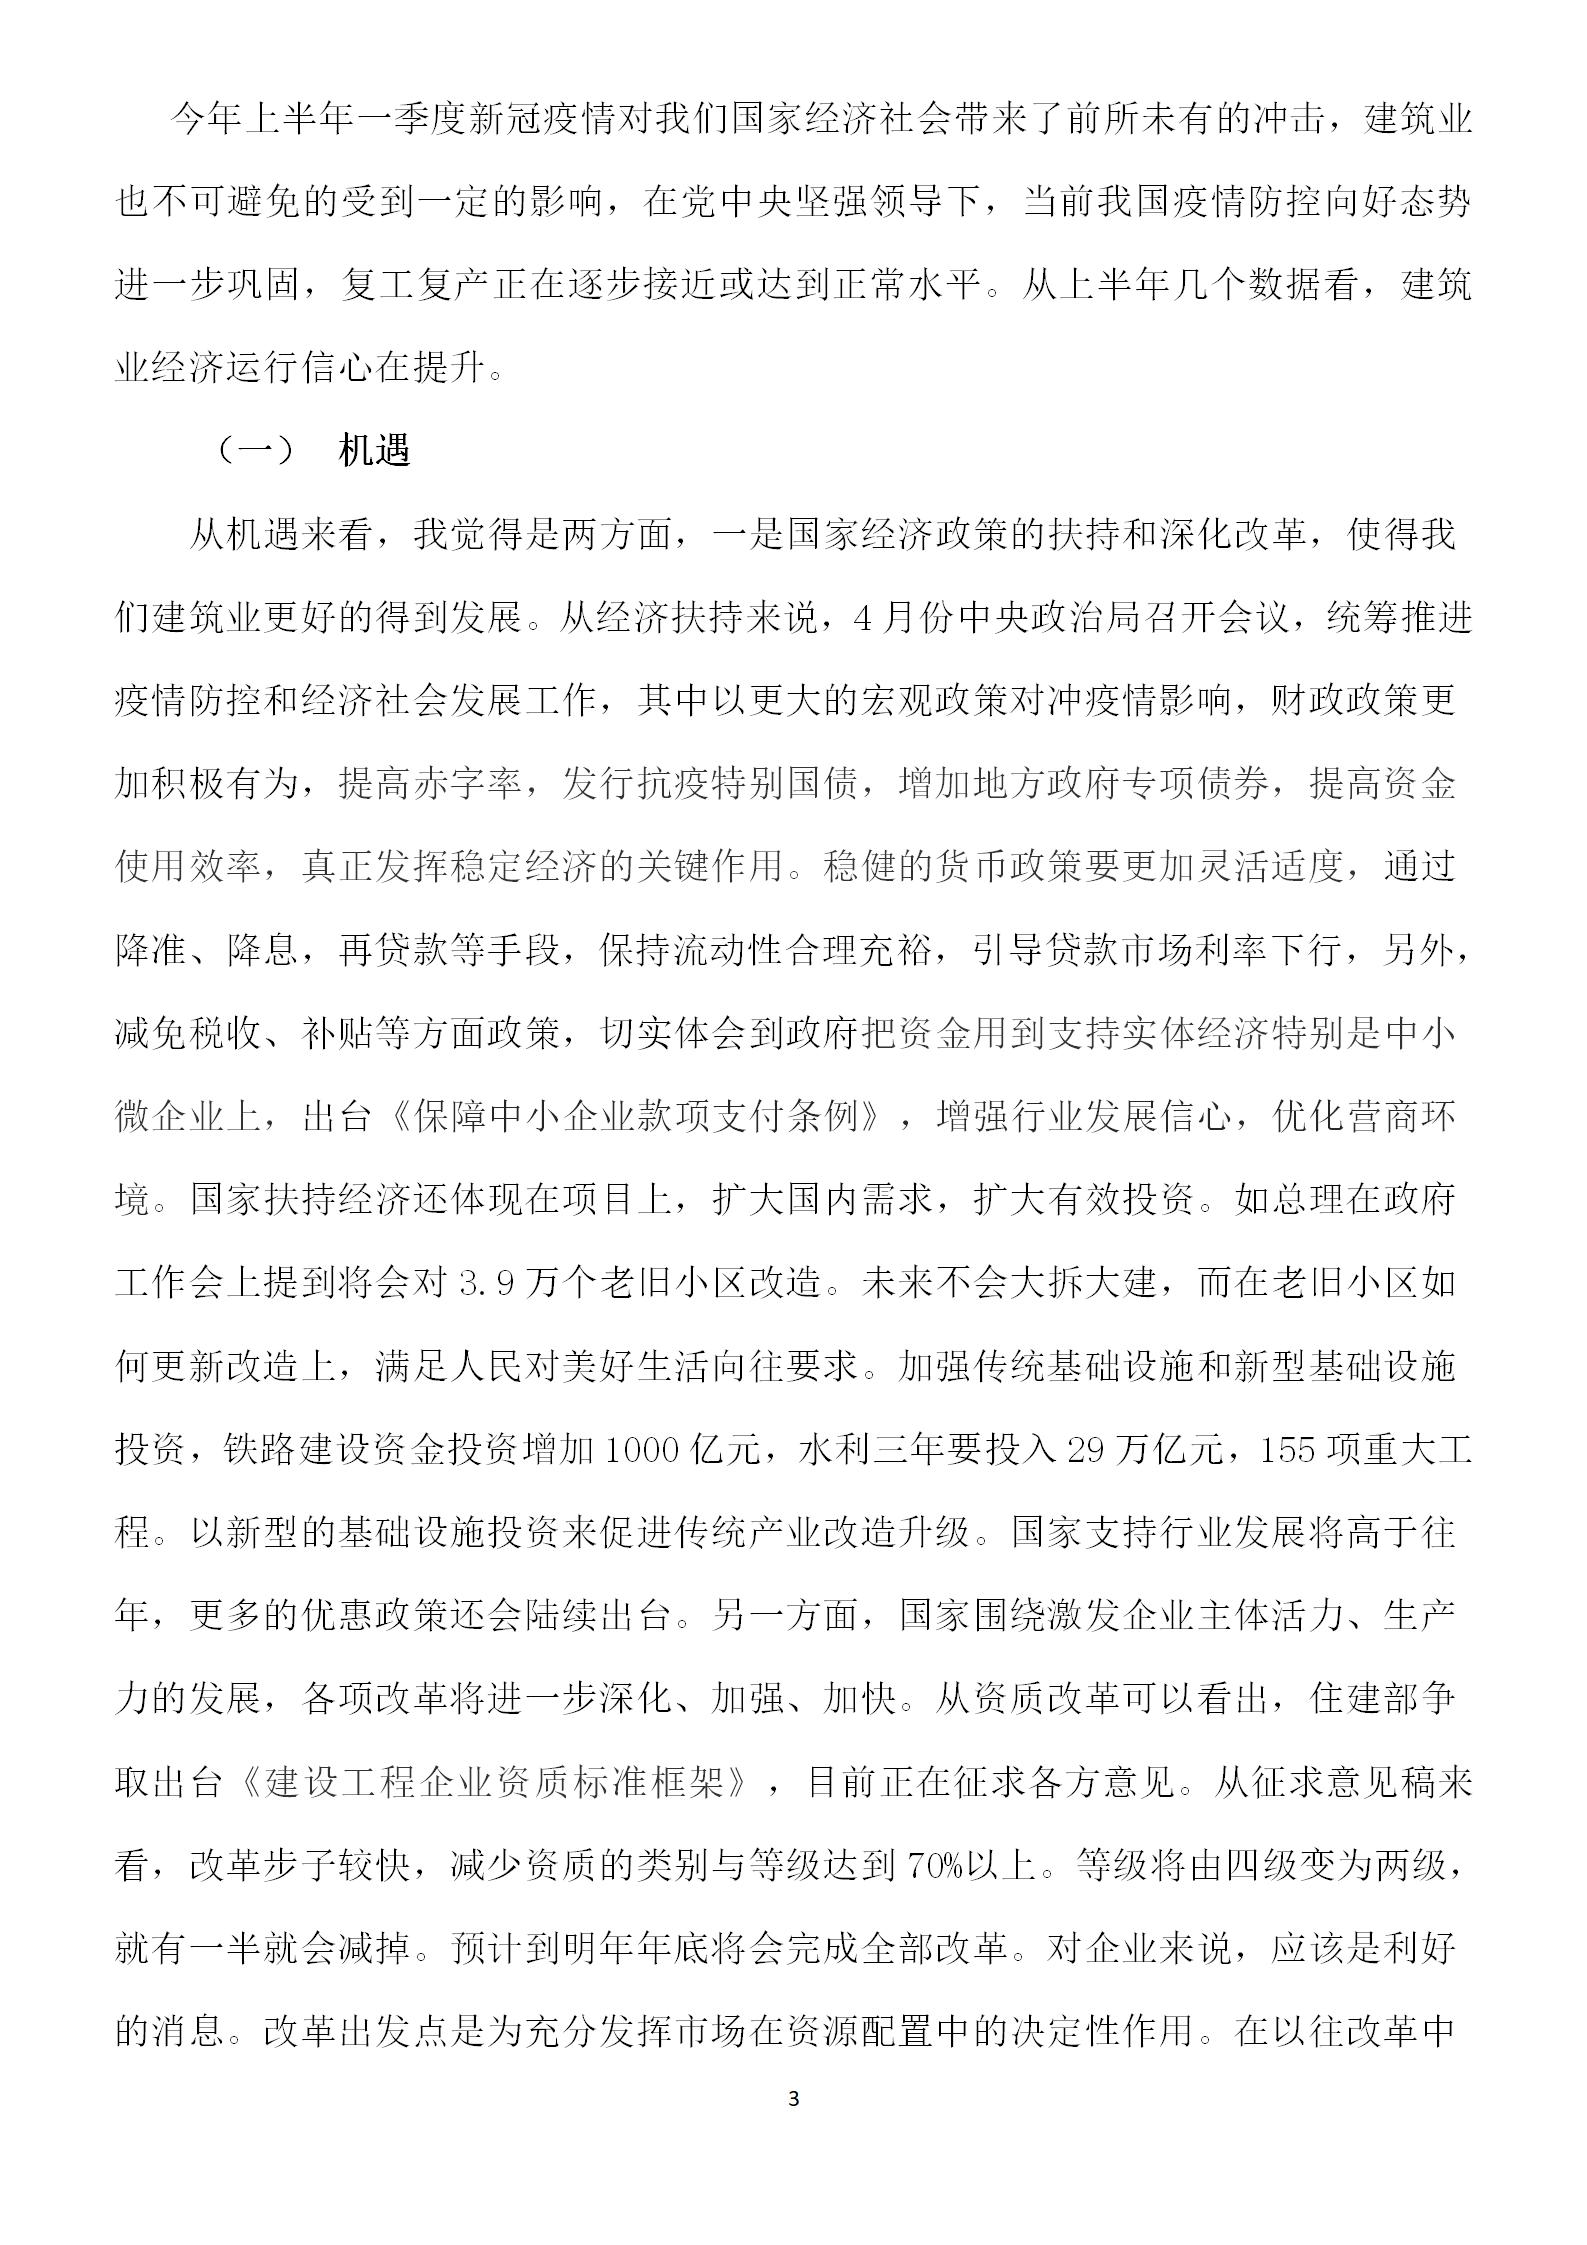 中建协副会长吴慧娟在河北省建筑业协会八届五次理事会上的讲话(1)_03.png